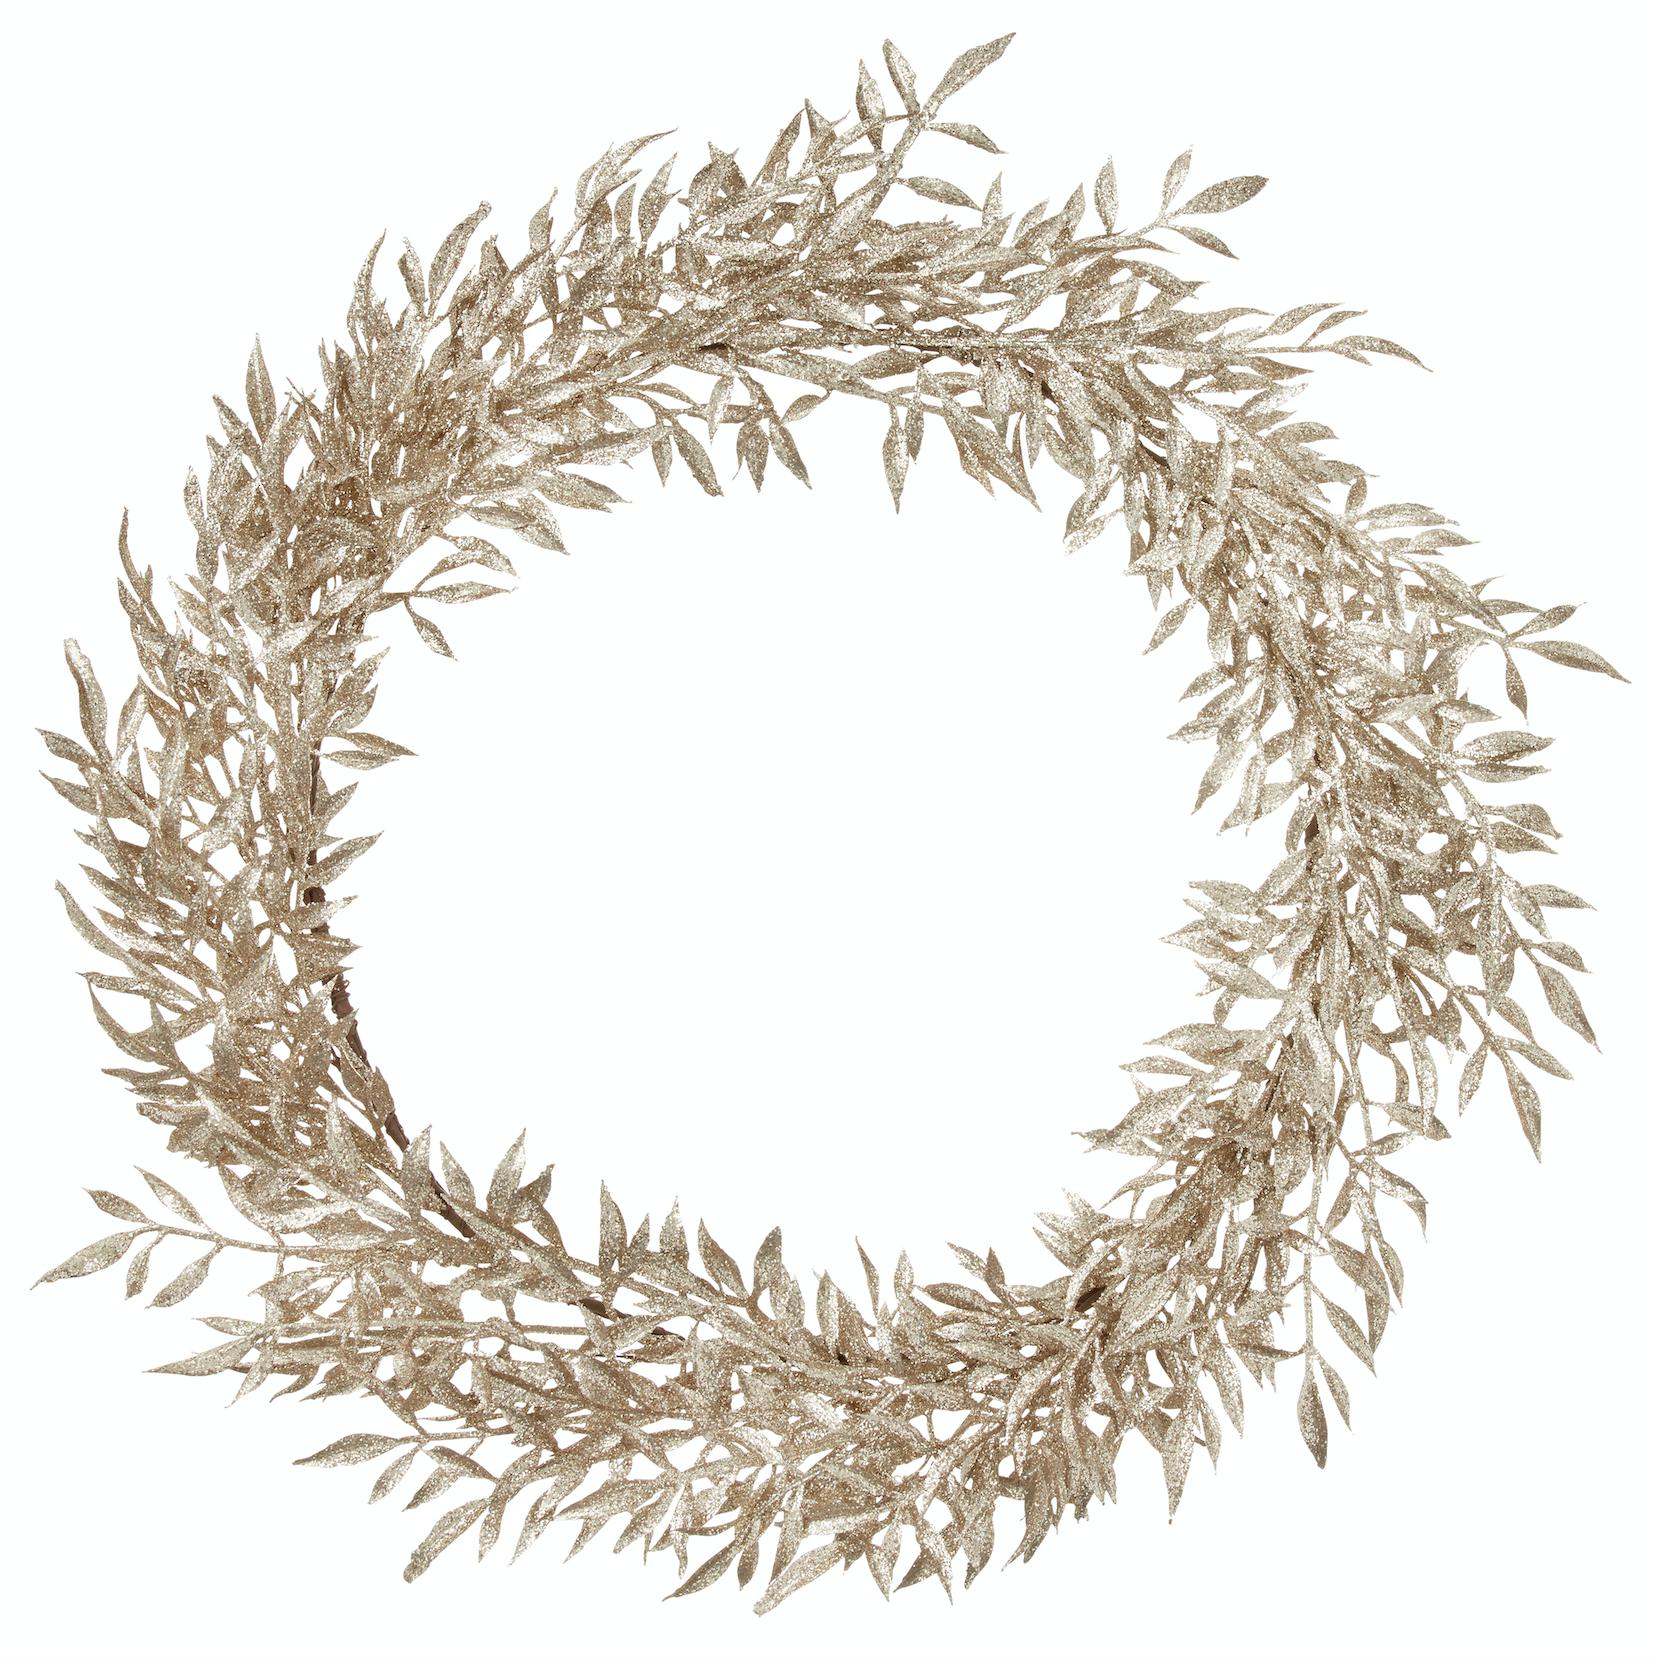 BUNGALOW - Decoration Wreath Glitter Gold L